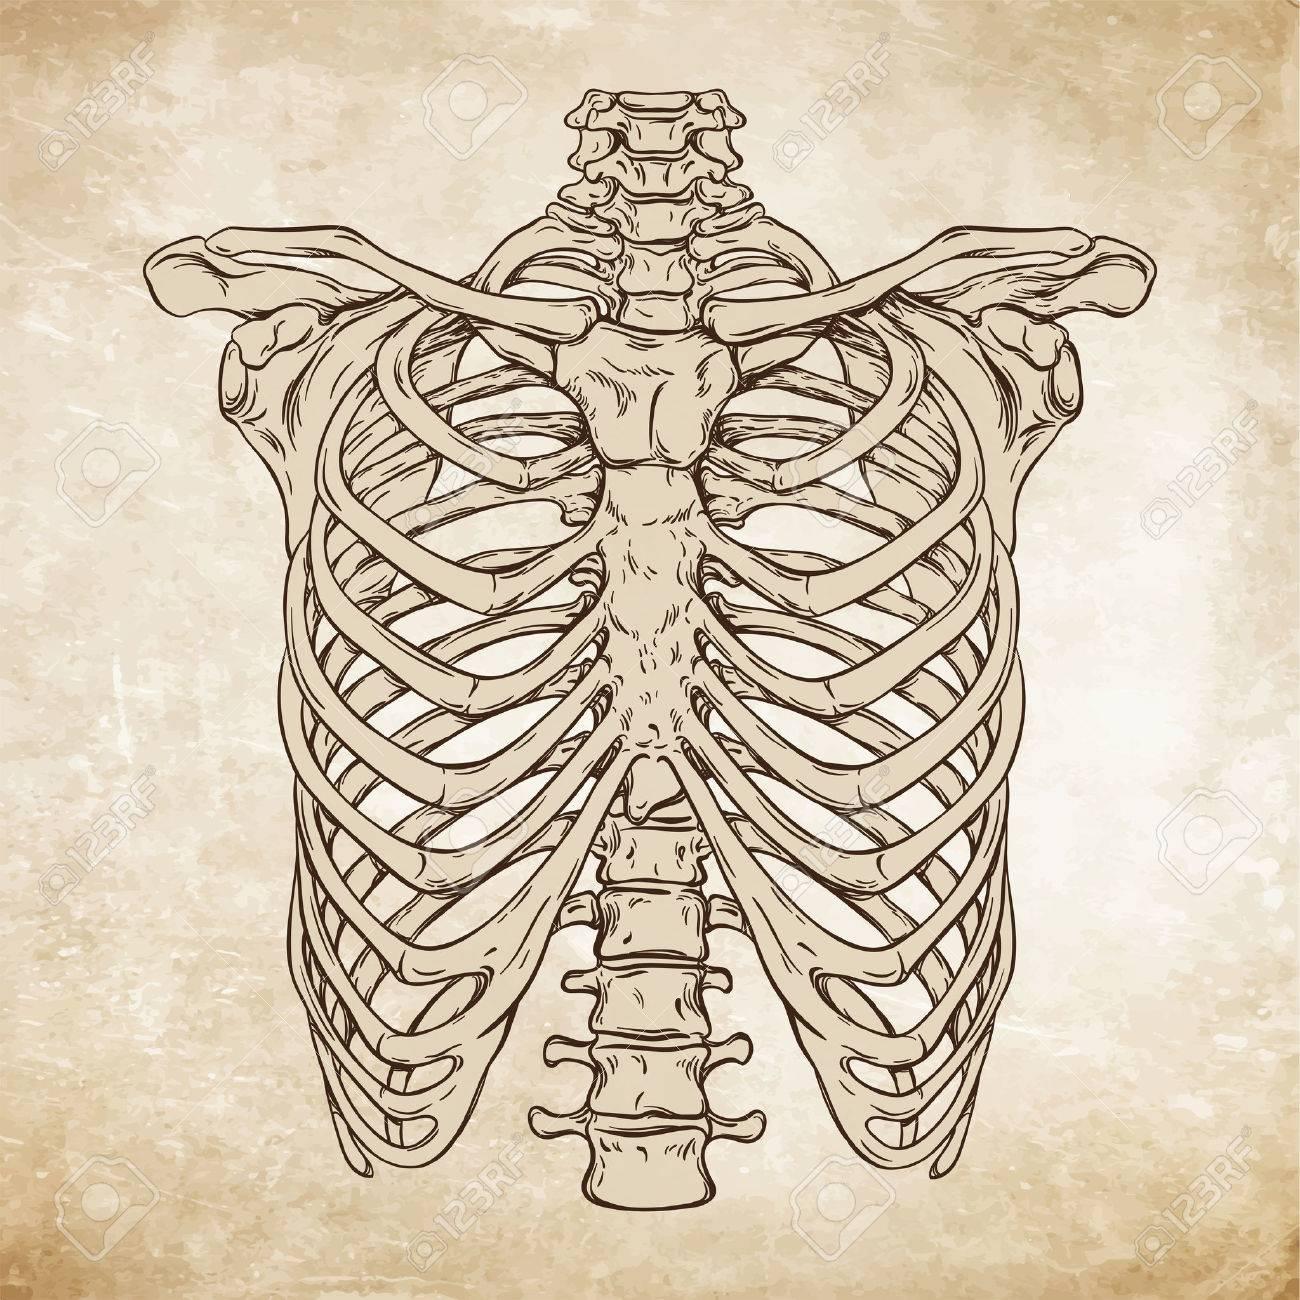 Hand Drawn Line Art Anatomically Correct Human Ribcage. Da Vinci ...